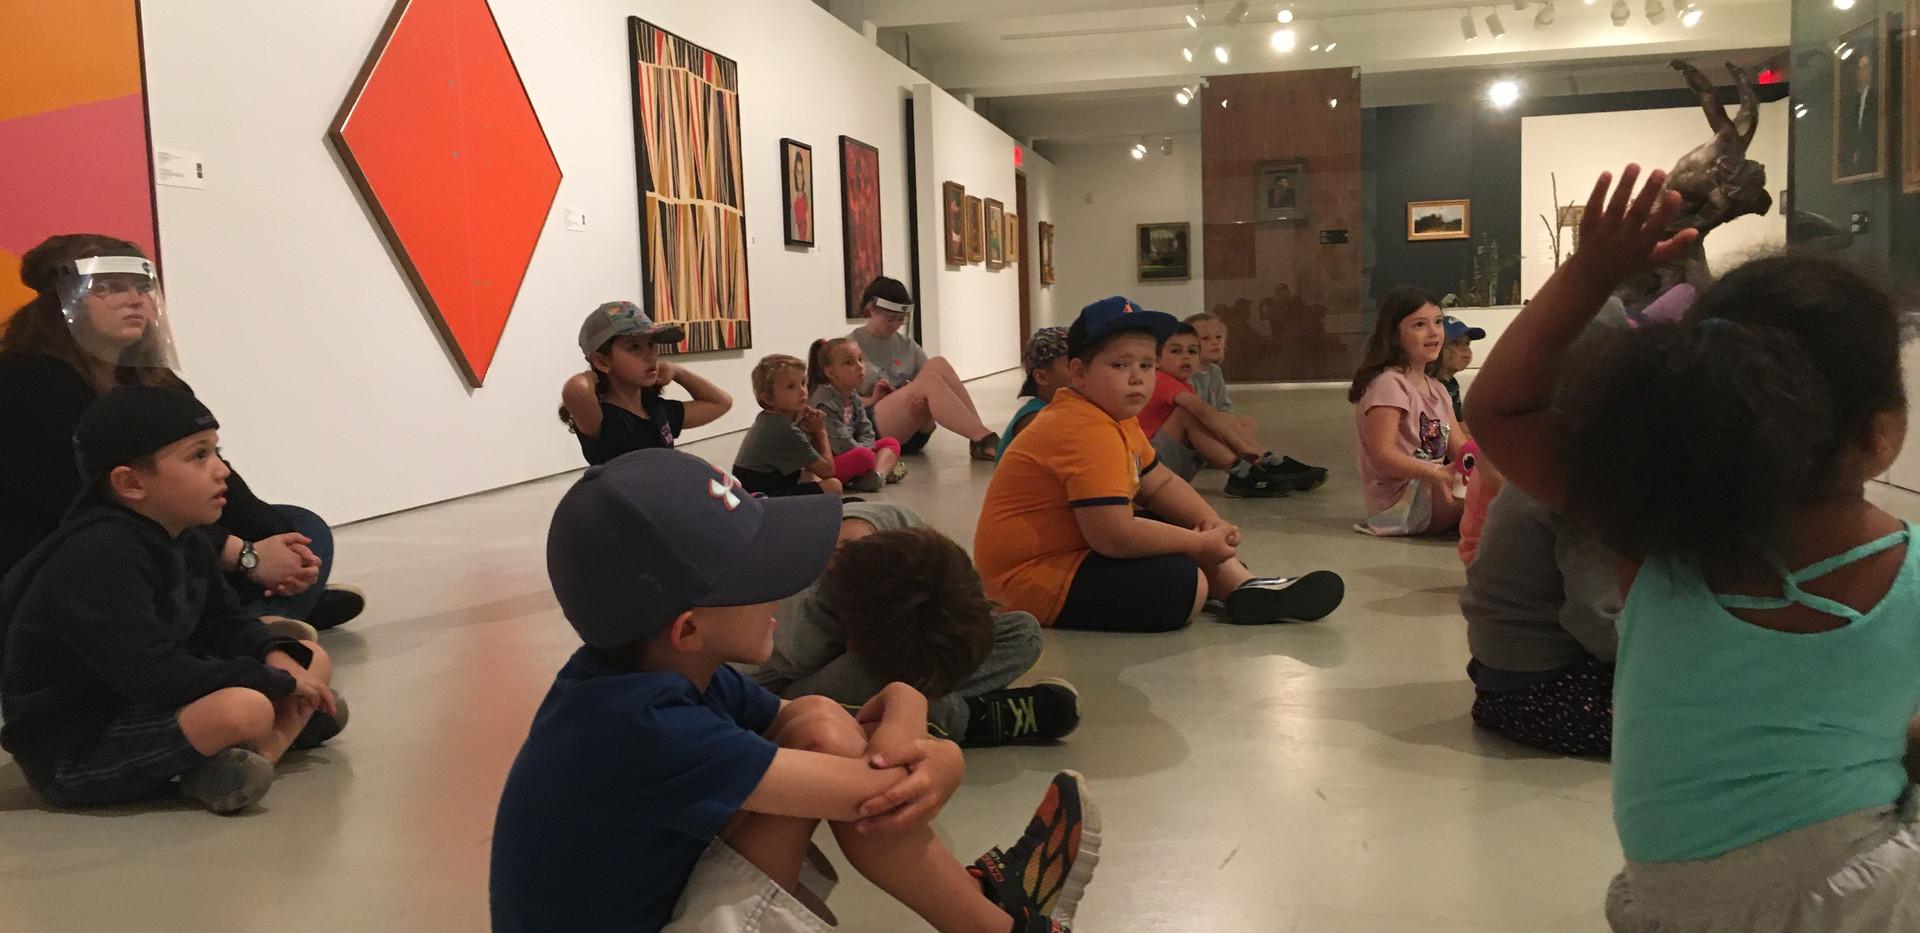 Les enfants en visite dans les salles d'exposition du Musée d'art de Joliette